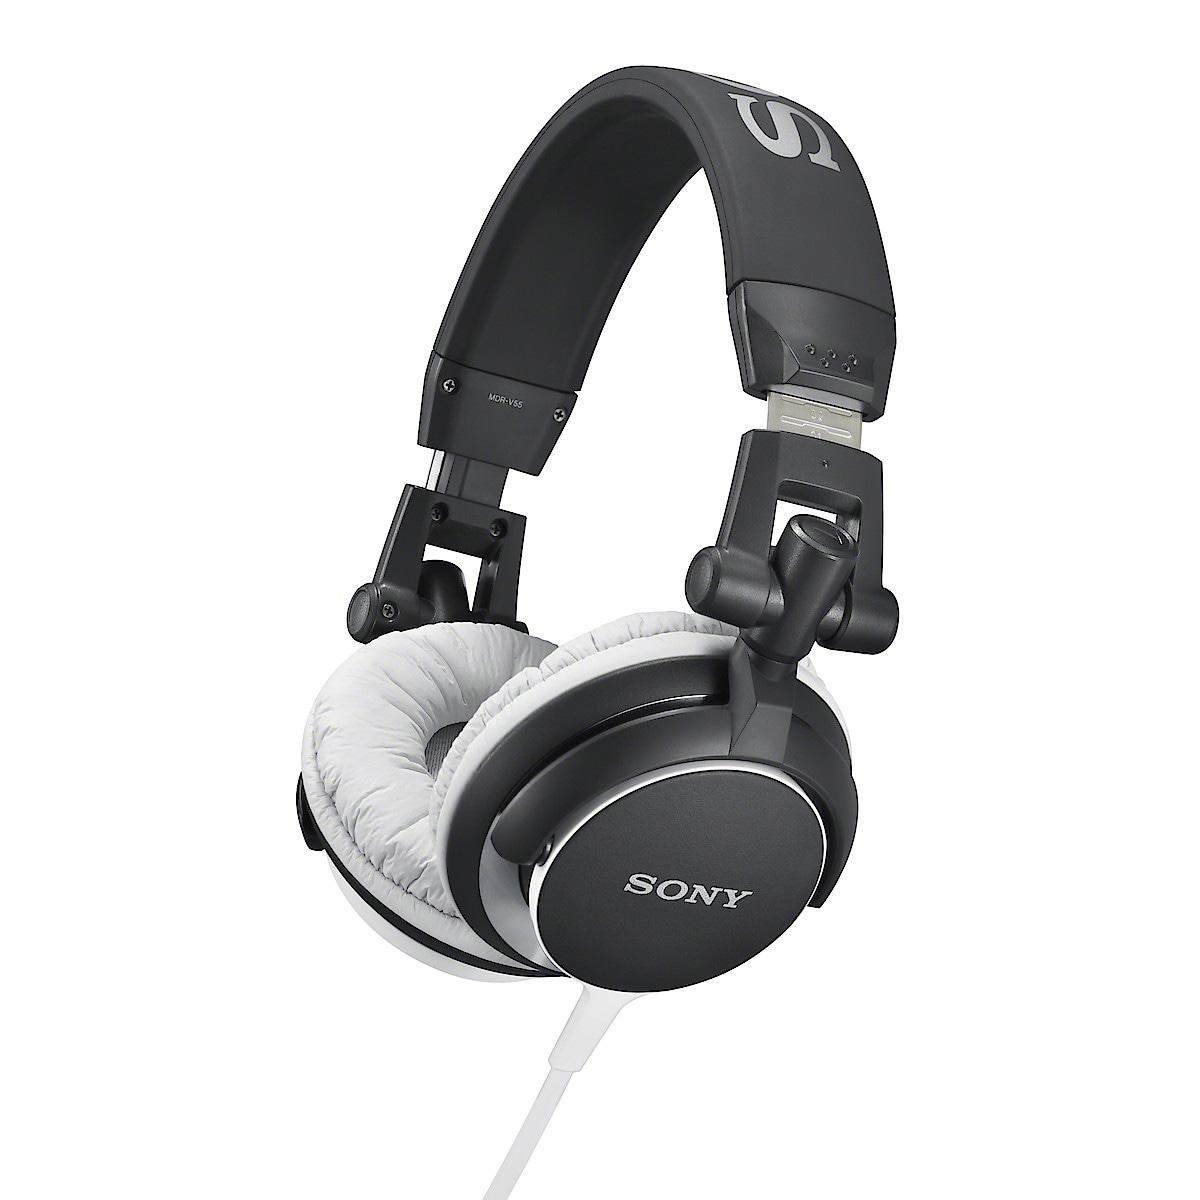 Sony MDR-V55 hodetelefon